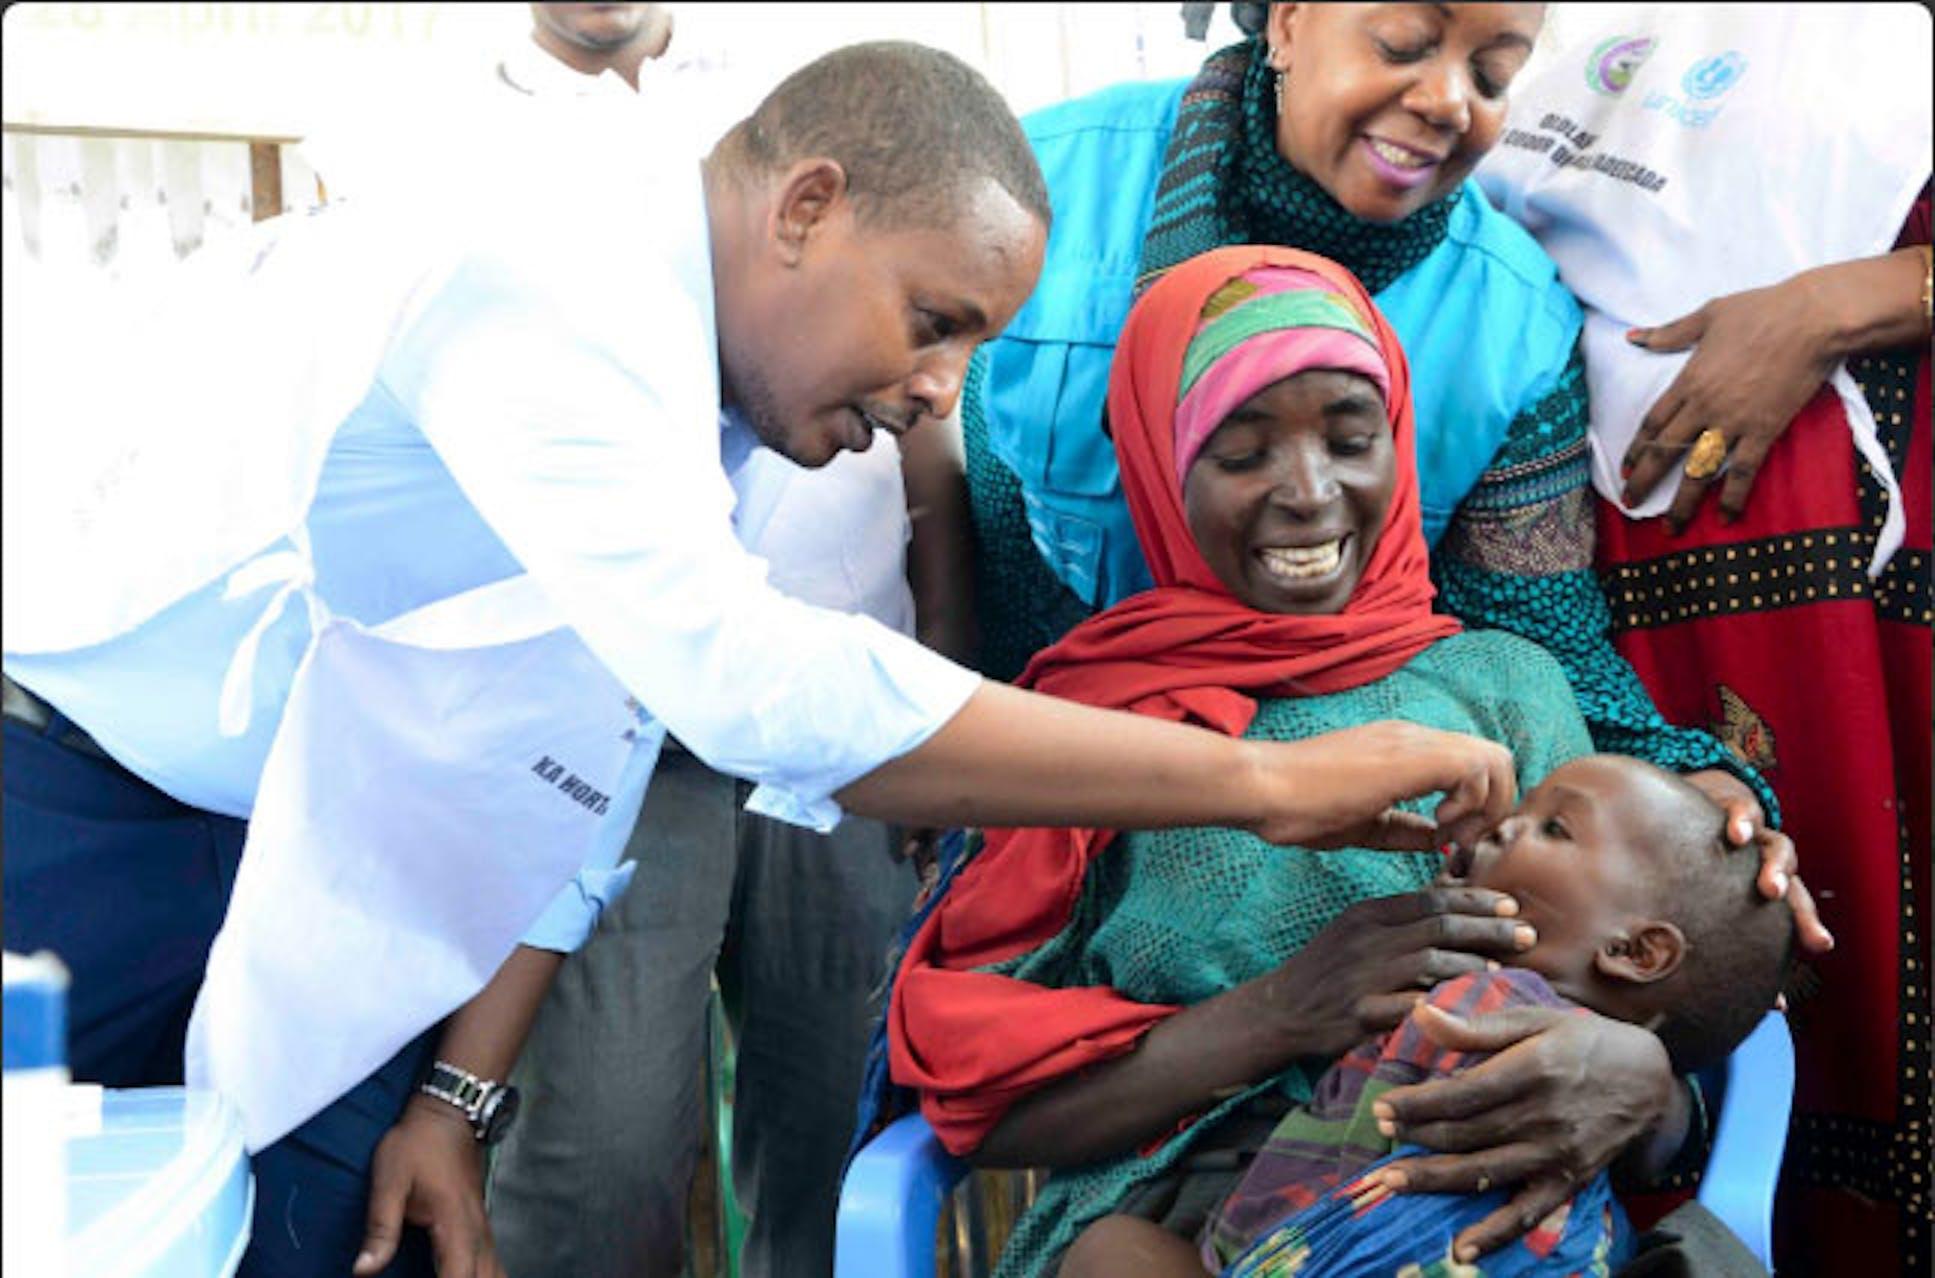 Un momento della campagna di vaccinazione a Baidoa: il ministro della Sanità della regione sud-occidentale della Somalia, Isak Alì Subak, somministra una dose di vitamina A - ©UNICEF Somalia/2017